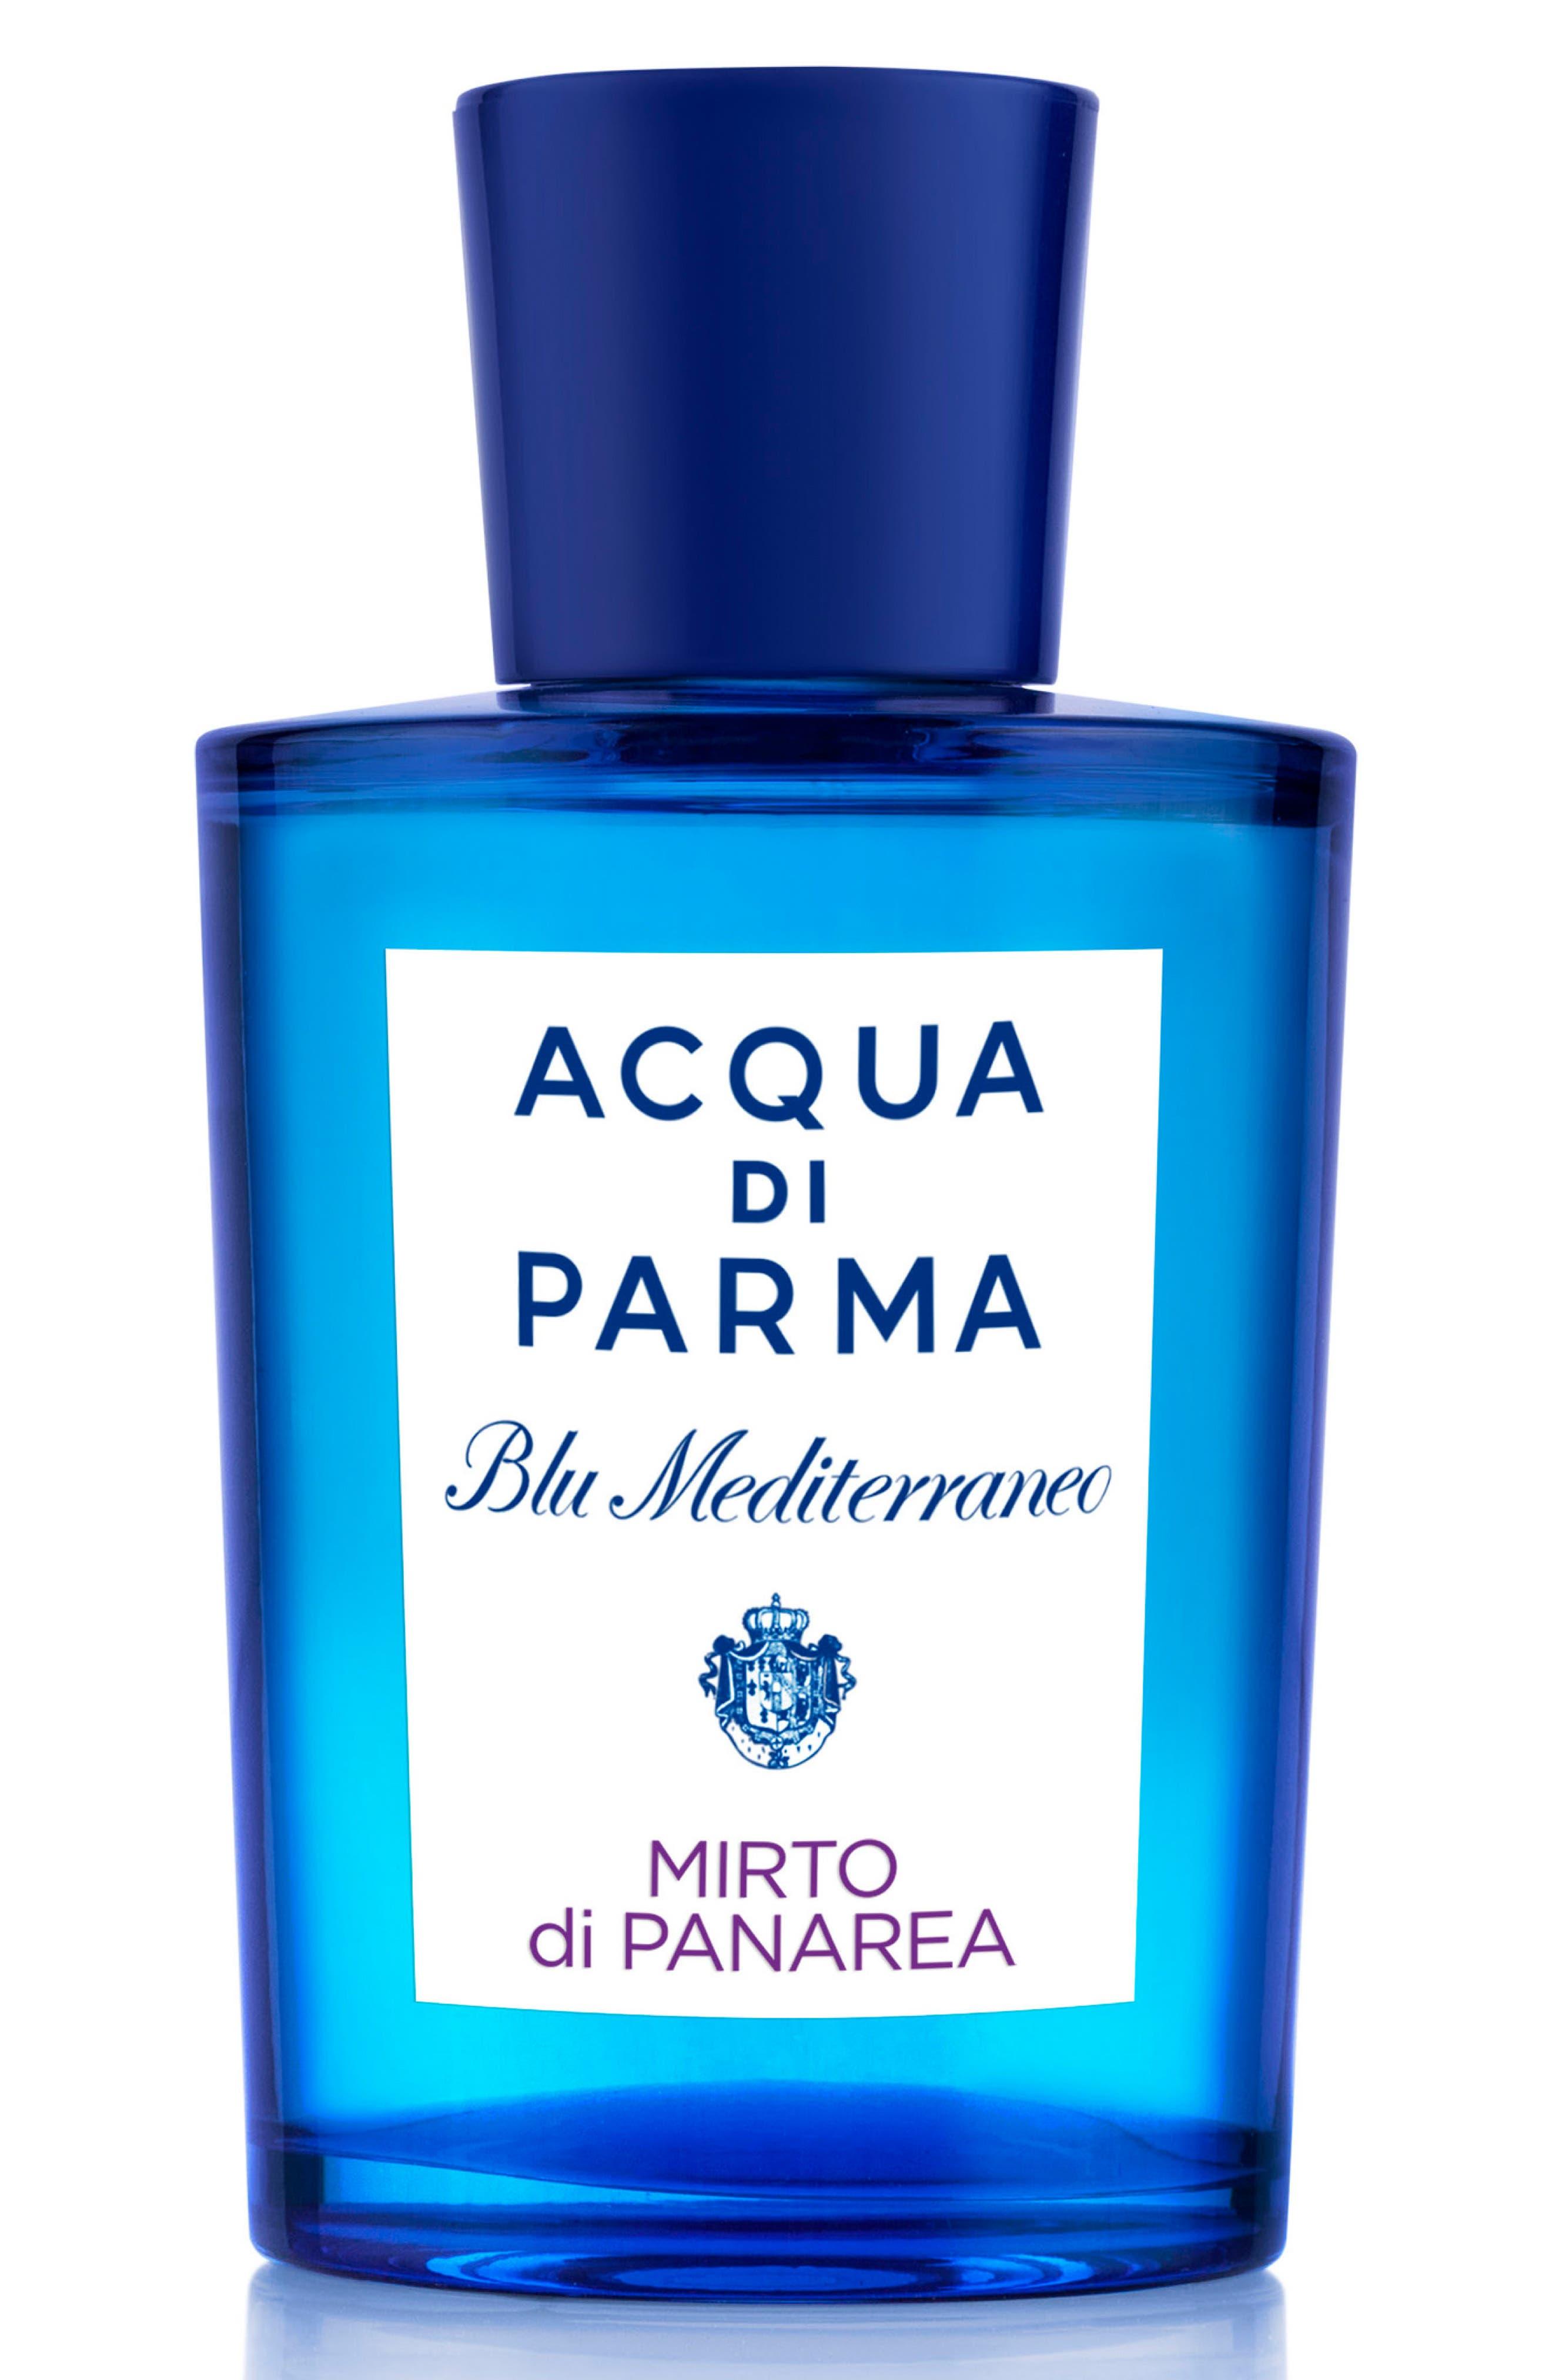 ACQUA DI PARMA 'Blu Mediterraneo' Mirto di Panarea Eau de Toilette Spray, Main, color, NO COLOR